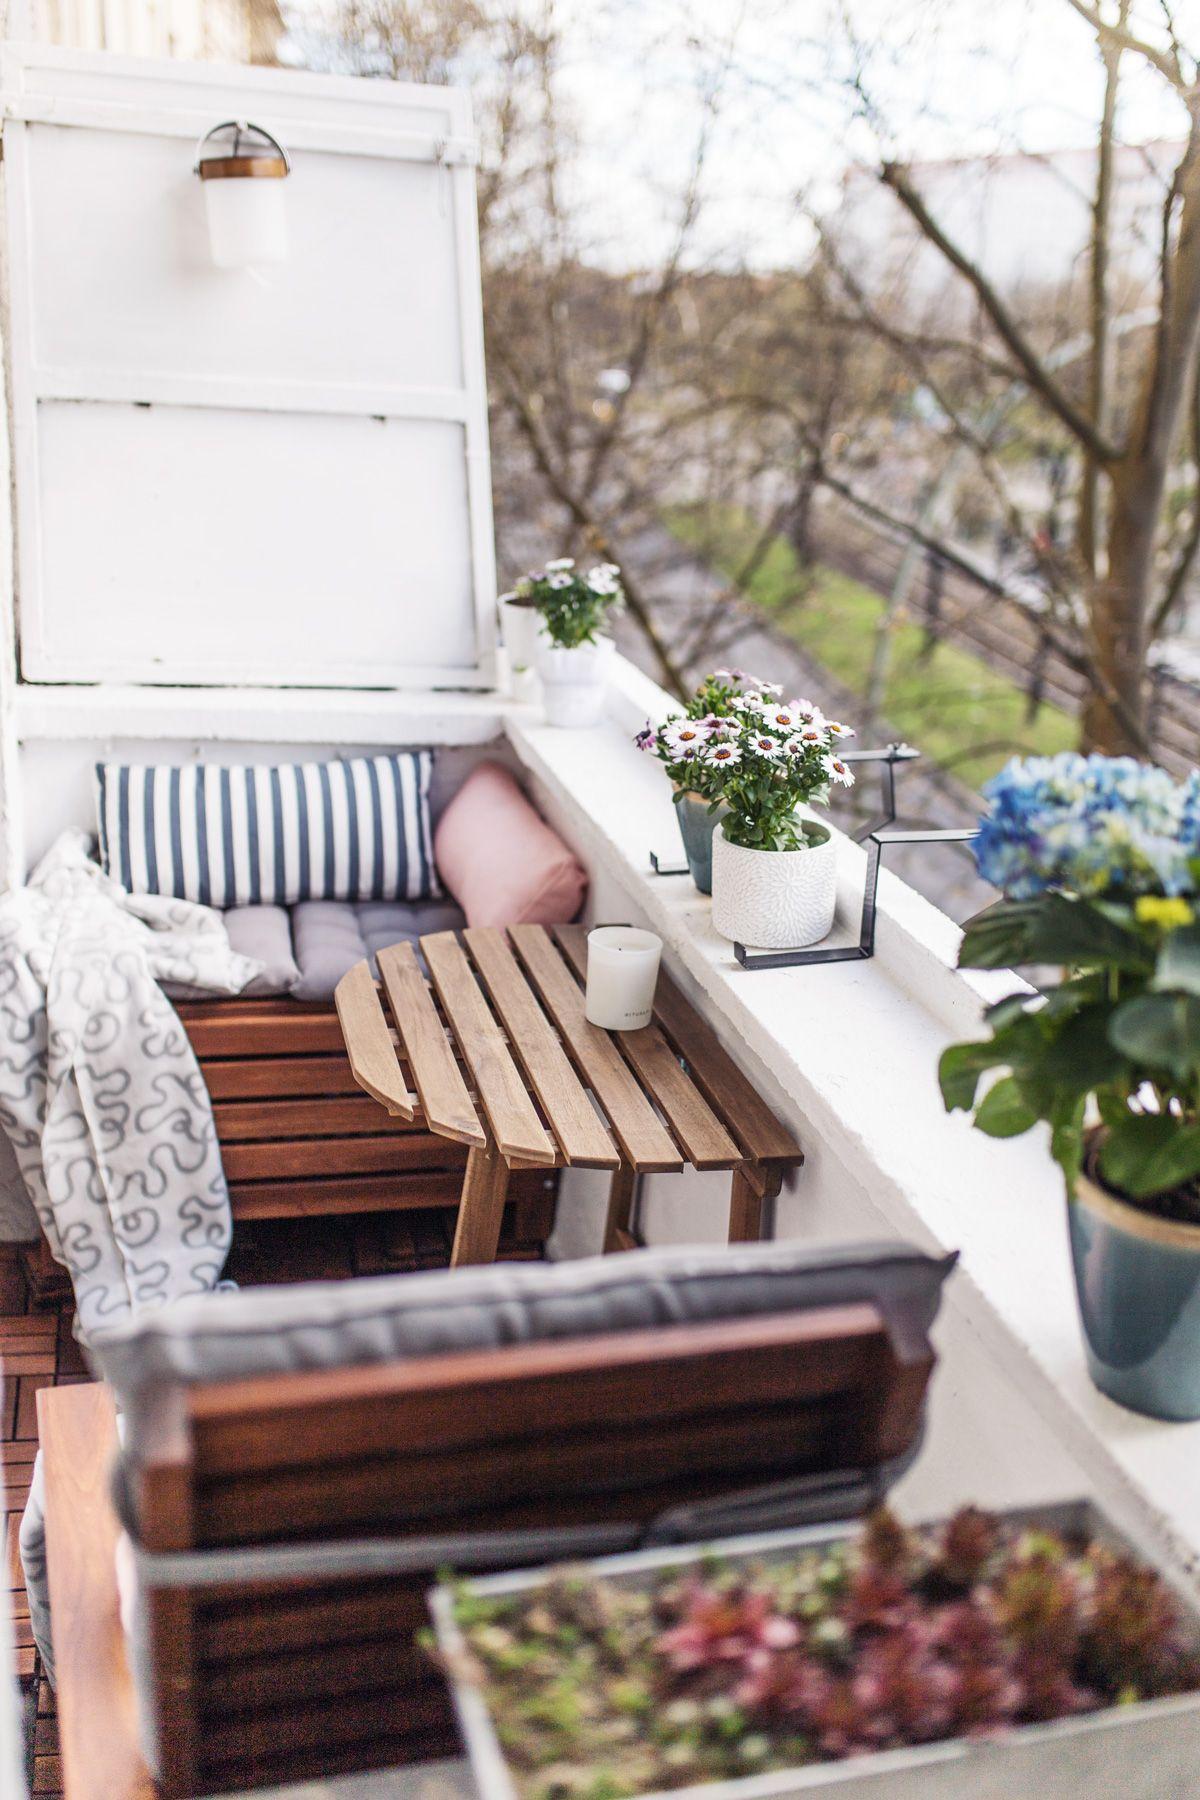 balkon gestalten ohne dach dachterrassengestaltung gempp gartendesign dachterrassen. Black Bedroom Furniture Sets. Home Design Ideas